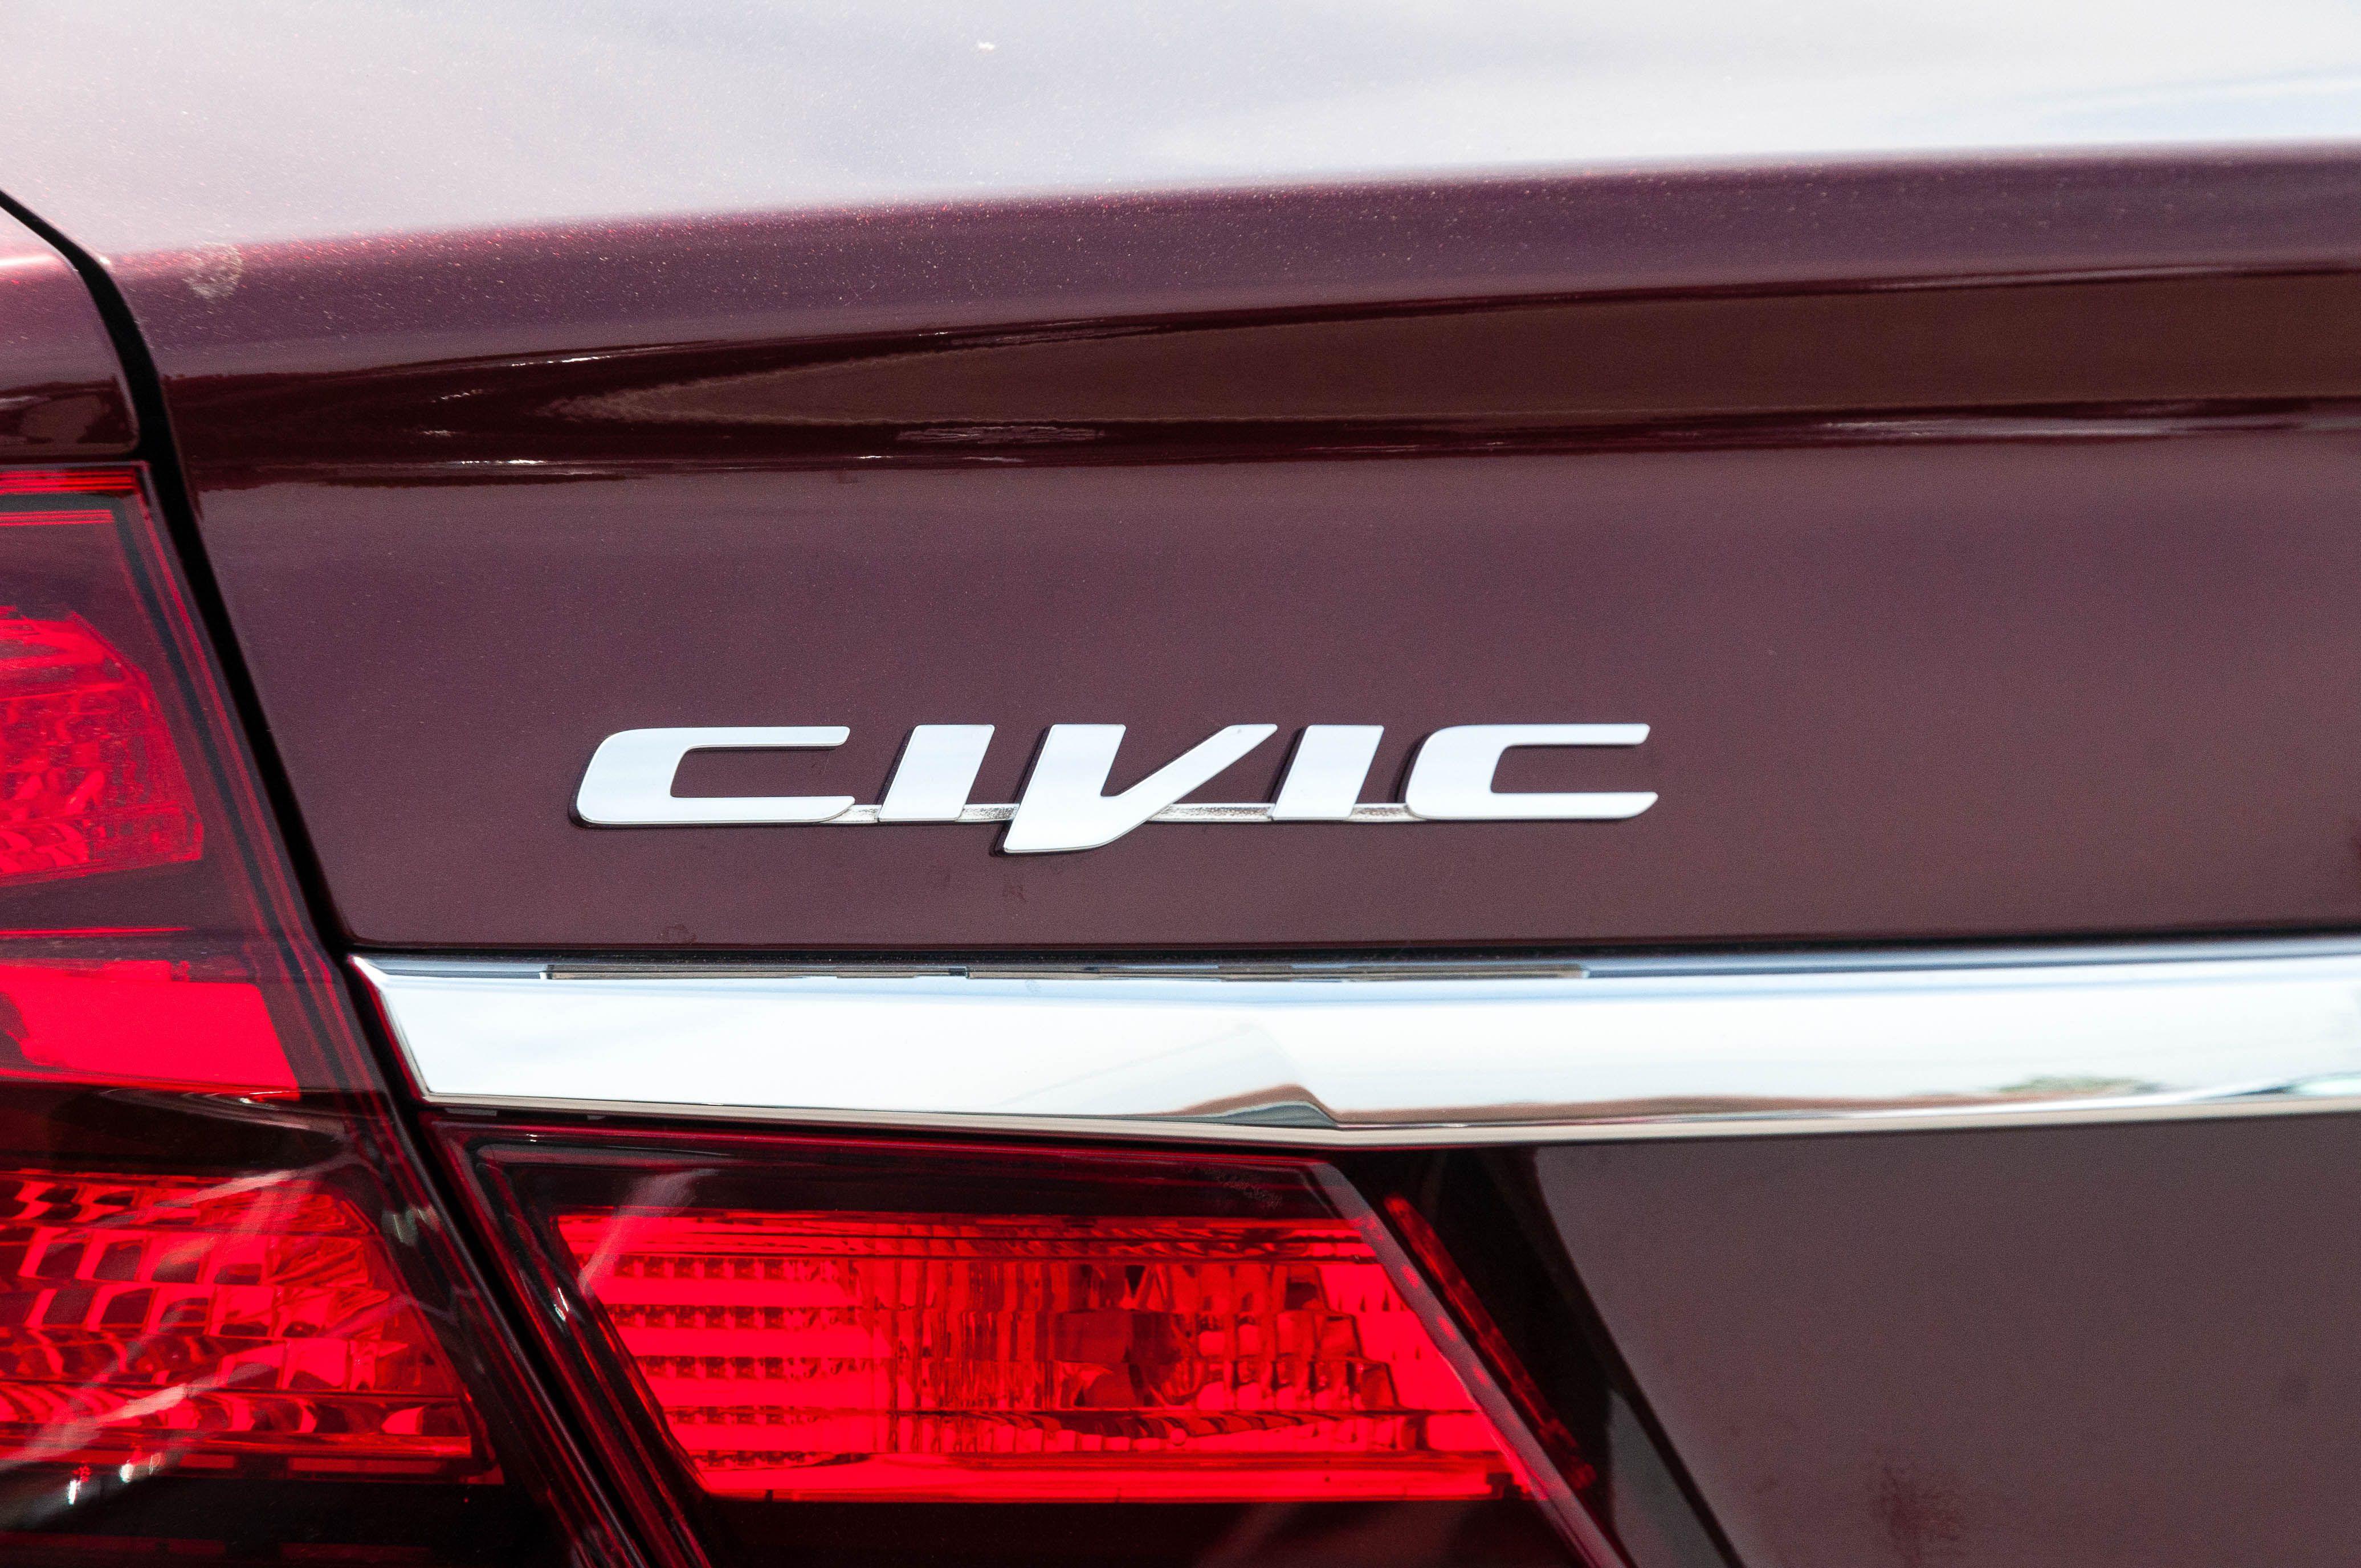 2015 Civic Badge Civic Honda Badge